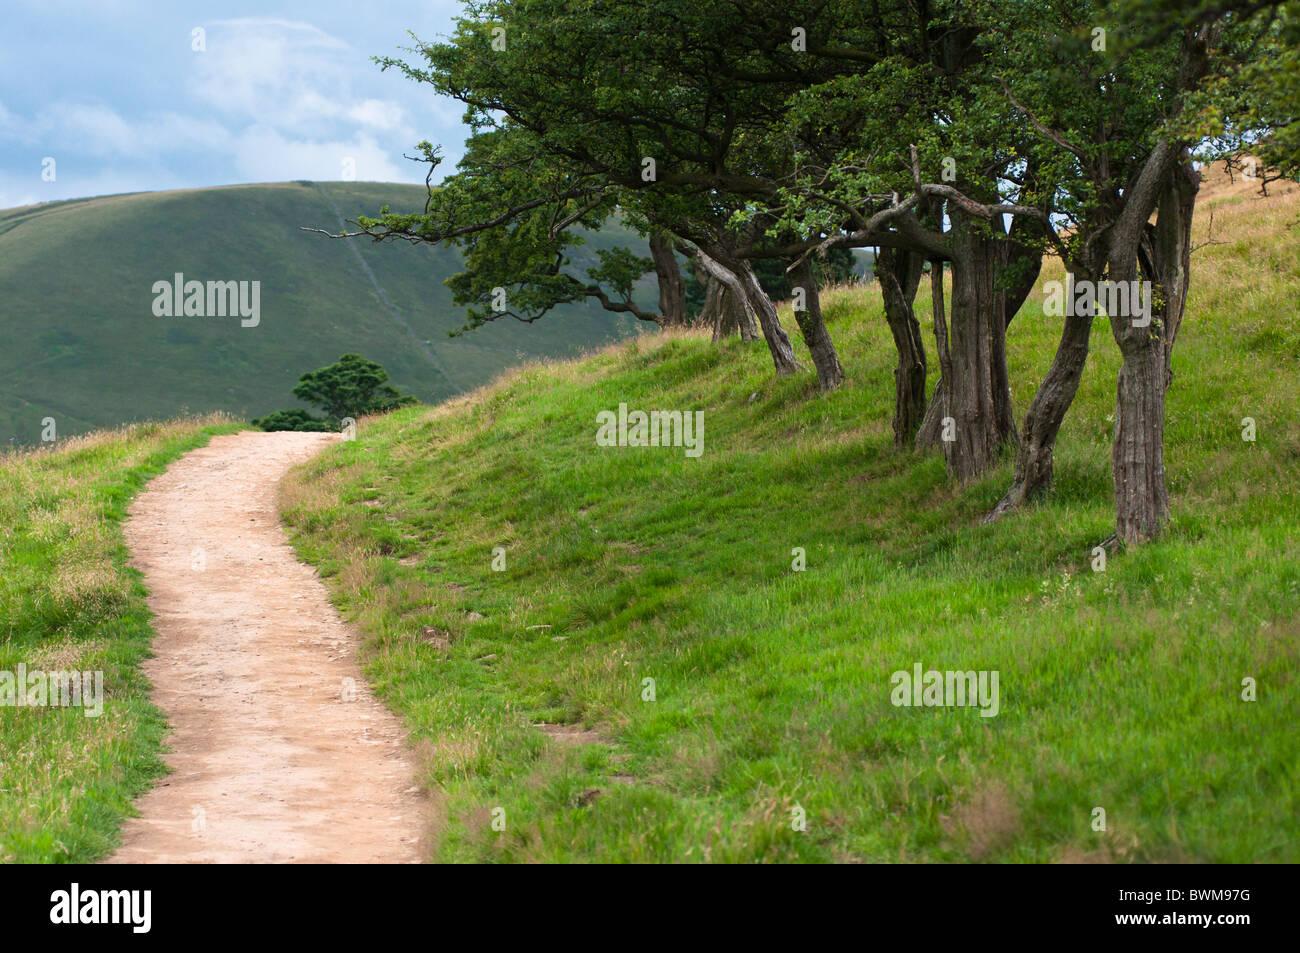 Der Pennine Way in der Nähe des Dorfes Edale, Derbyshire Dales, UK Stockbild